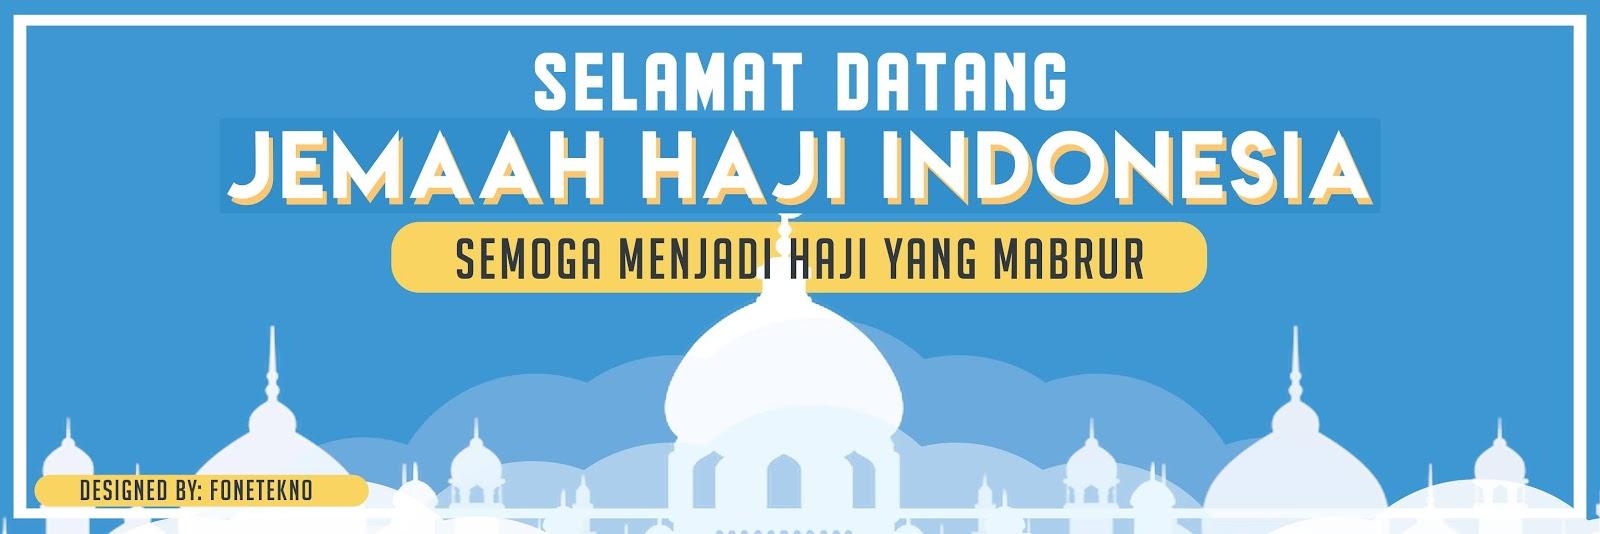 Contoh Spanduk Ucapan Selamat Datang Jamaah Haji - Brosur ...